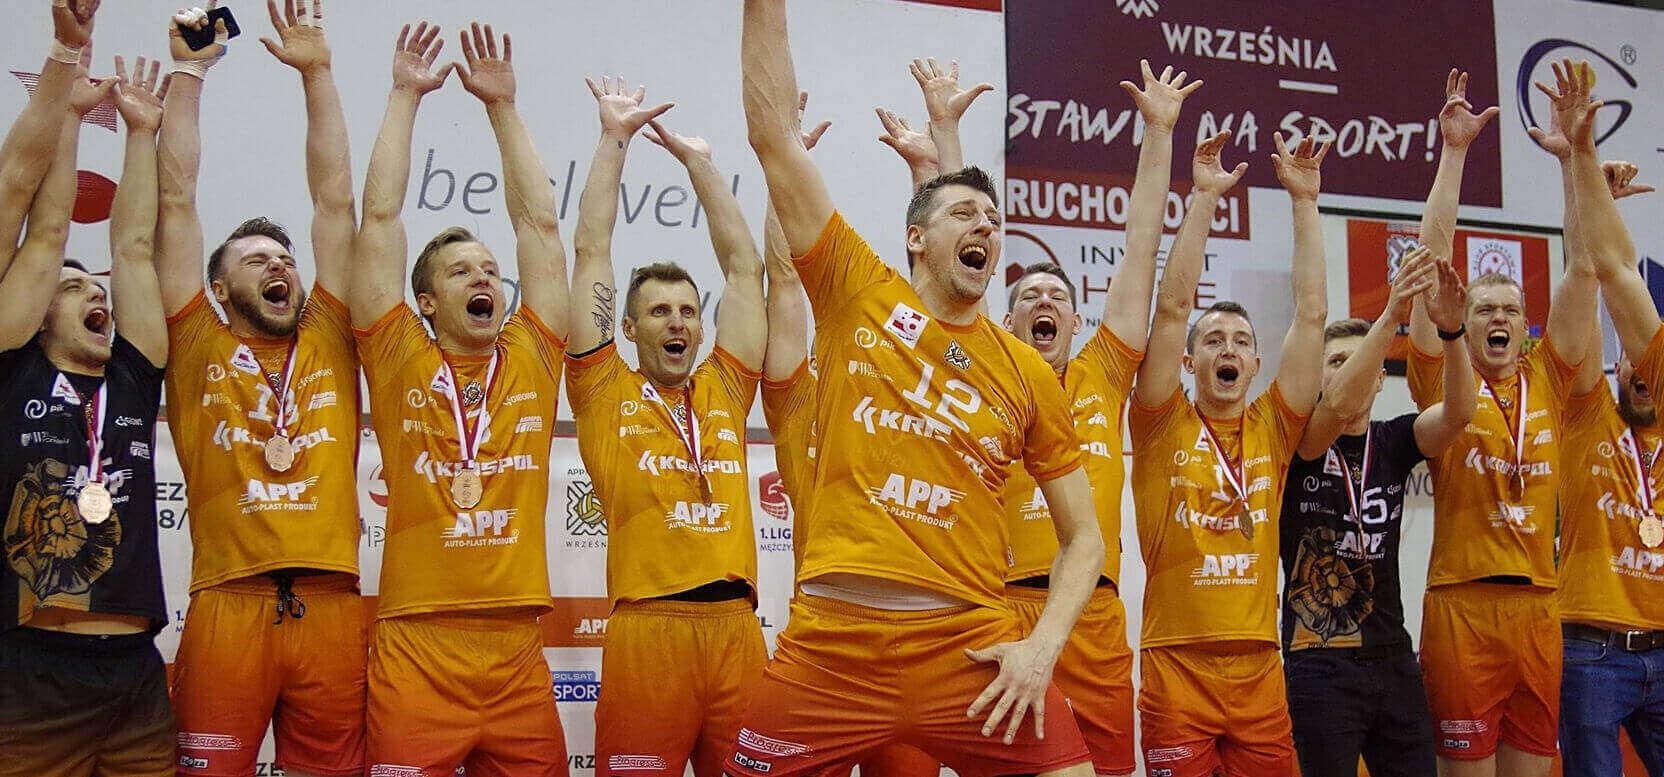 Firma BeClever jest sponsorem drużyny siatkarskiej Krispol Września